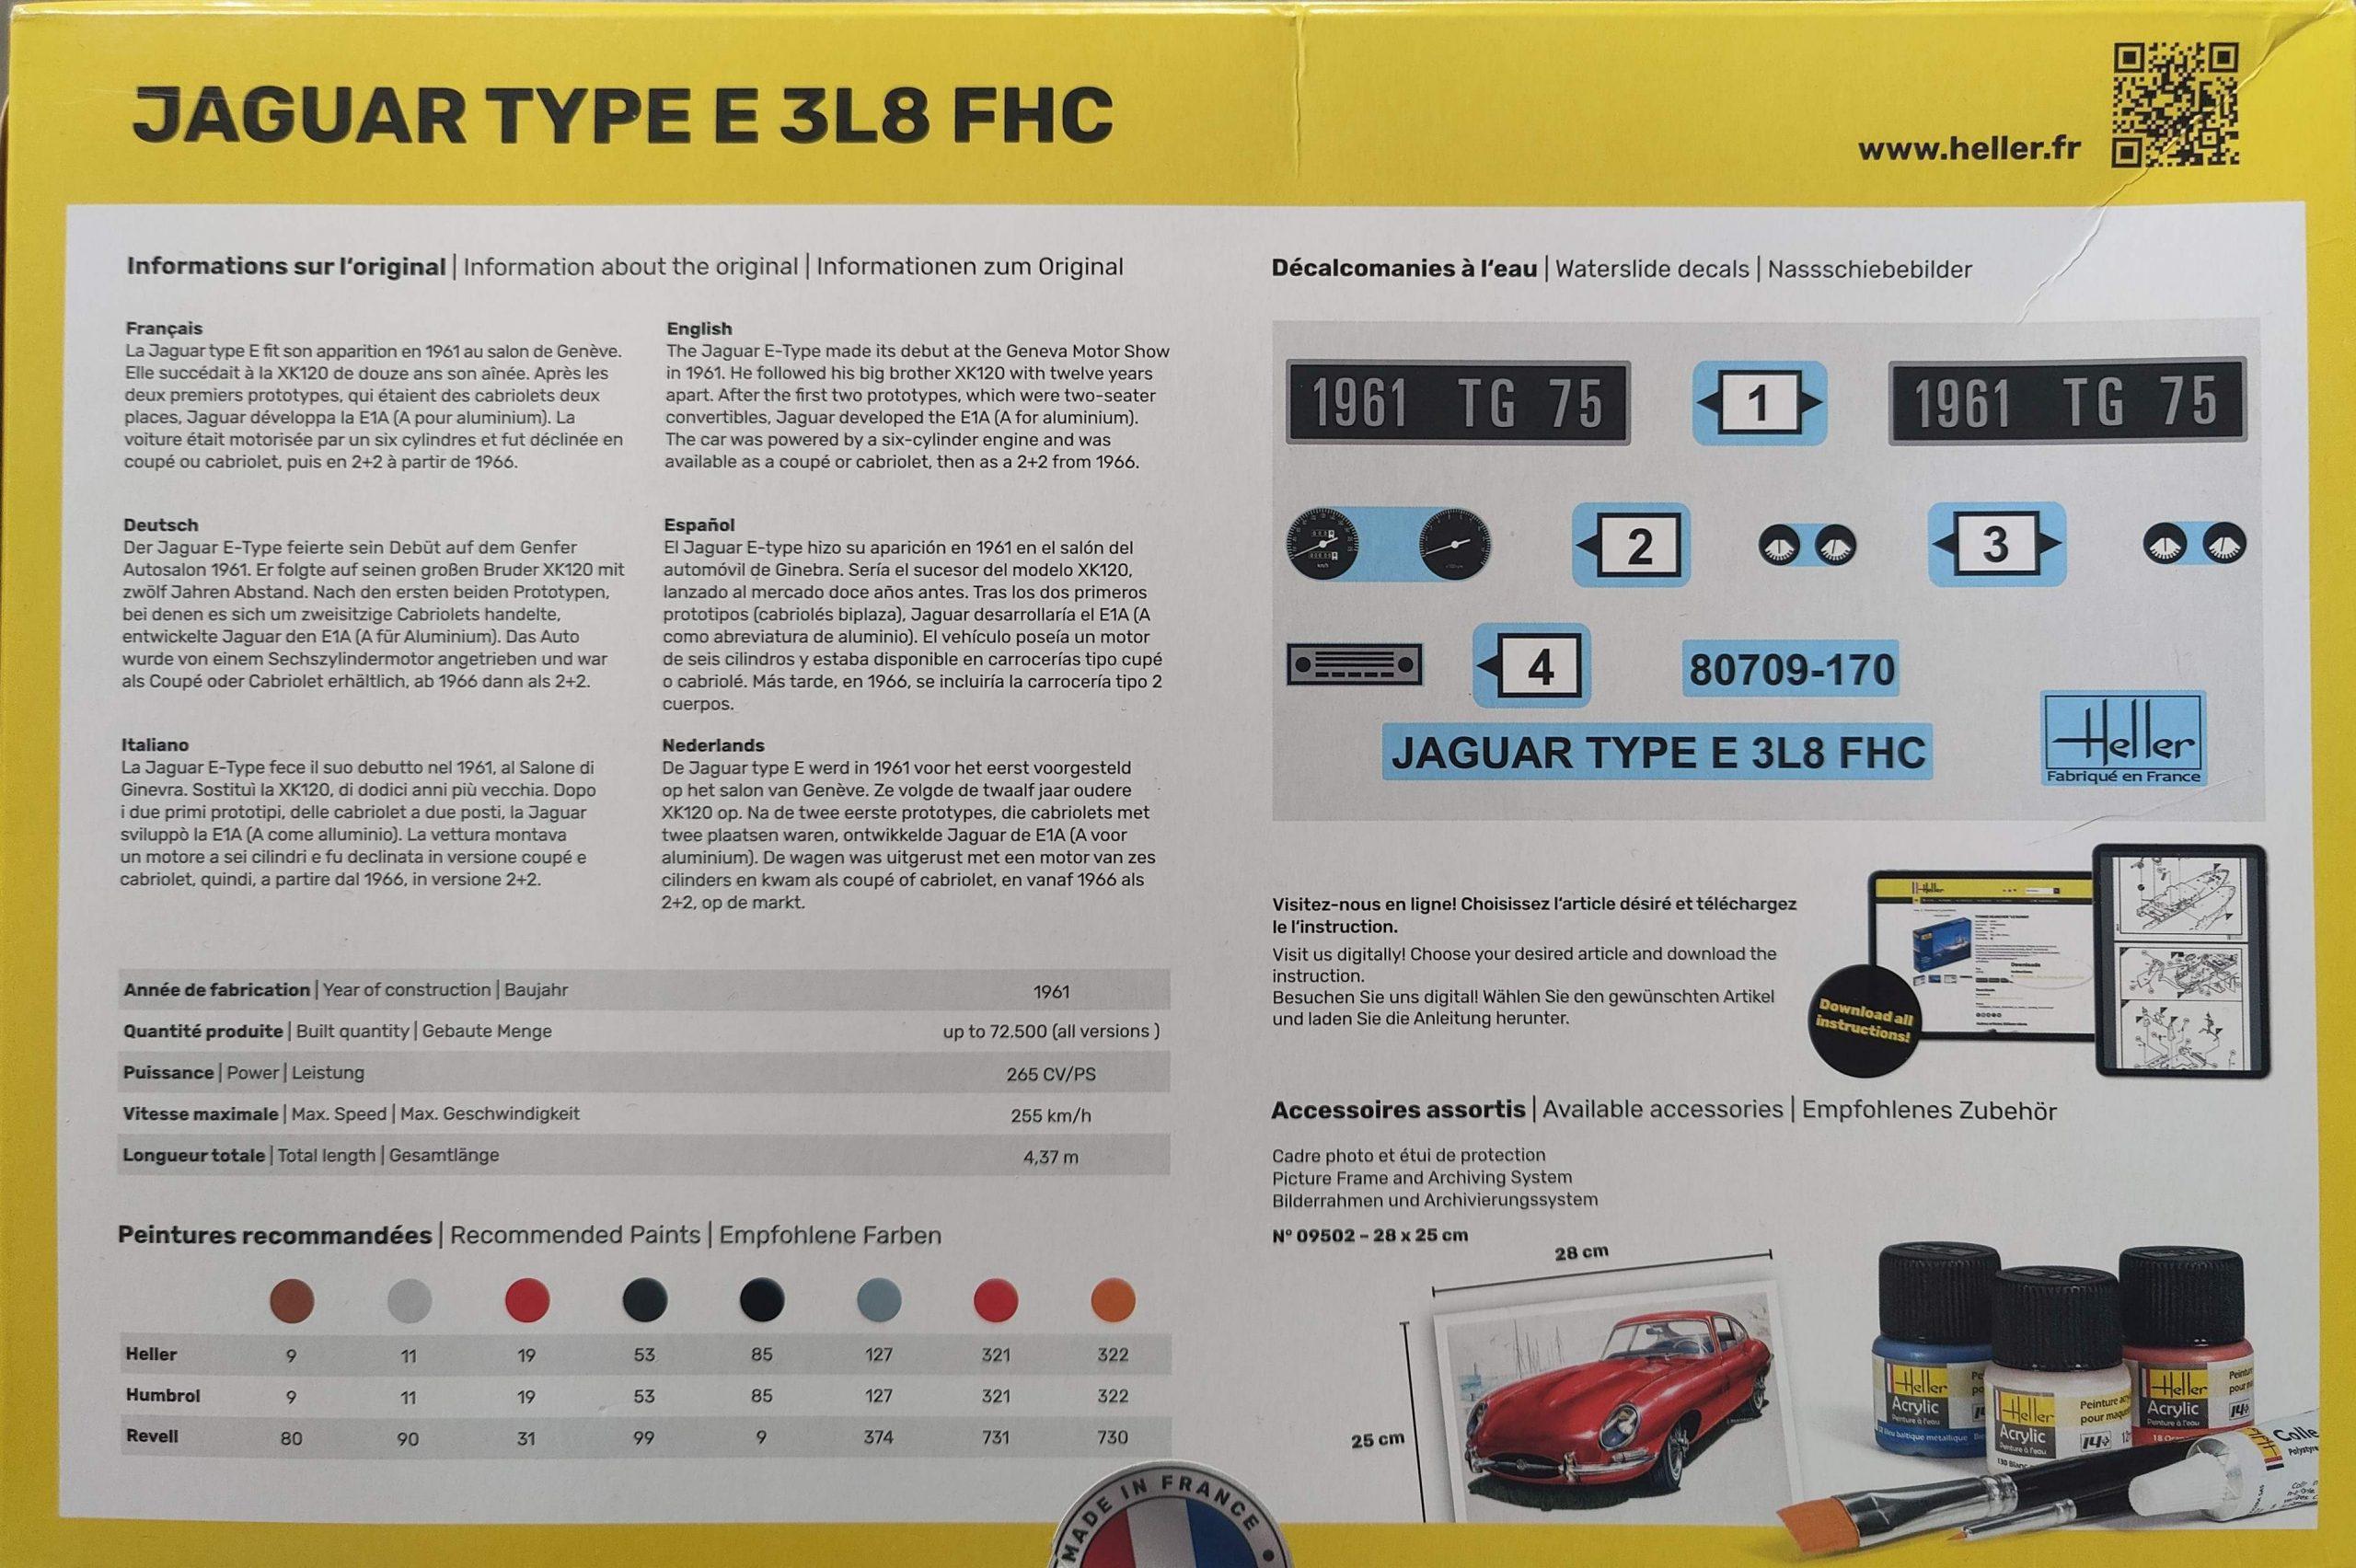 Heller_Jaguar03-scaled Heller Jaguar Type E 3L8 FHC in 1:24 # 80709